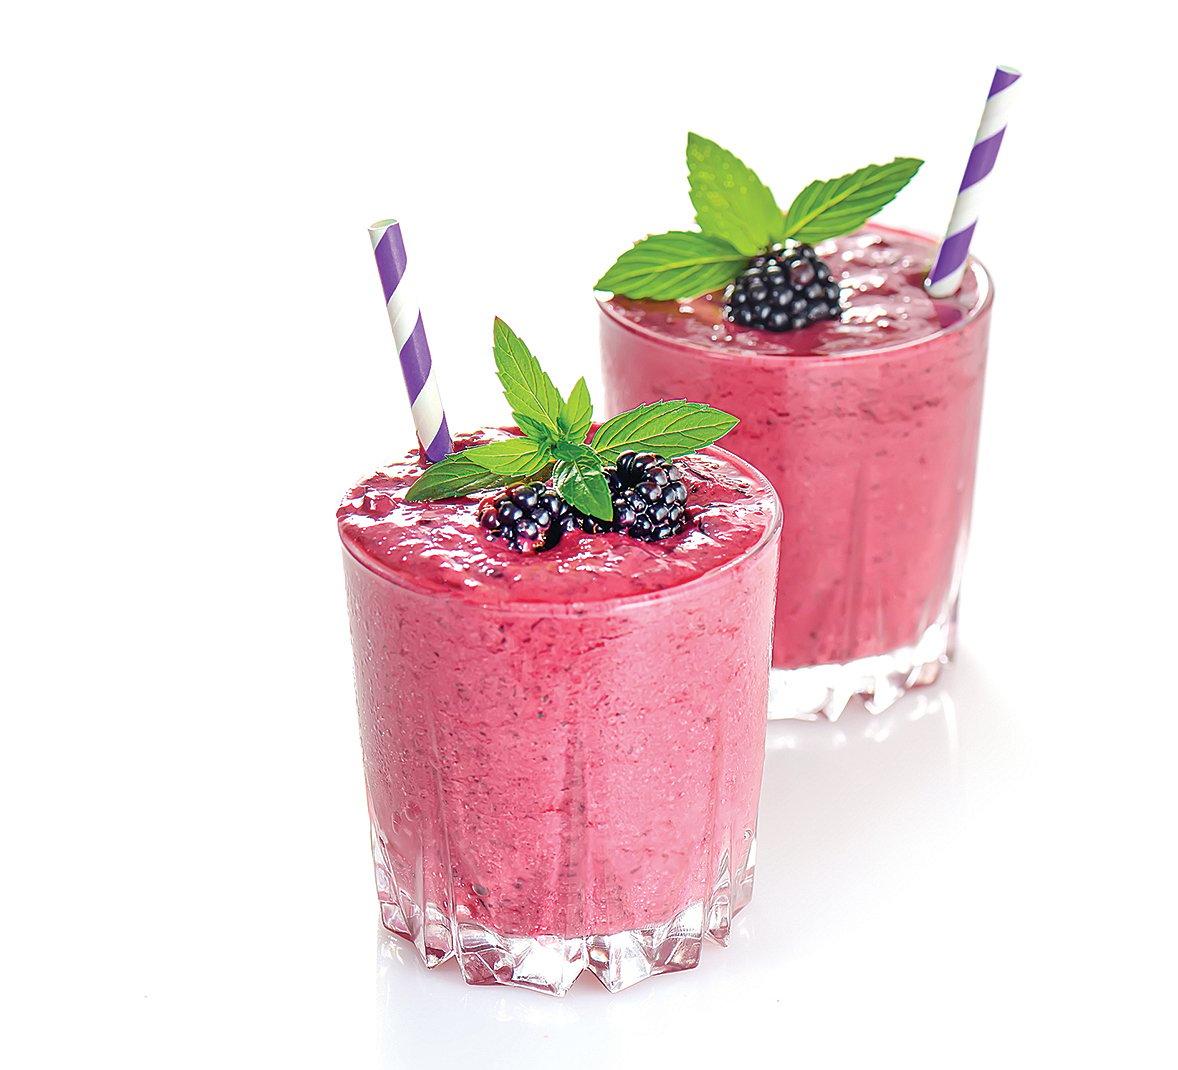 冷凍的漿果可製成營養的果昔。